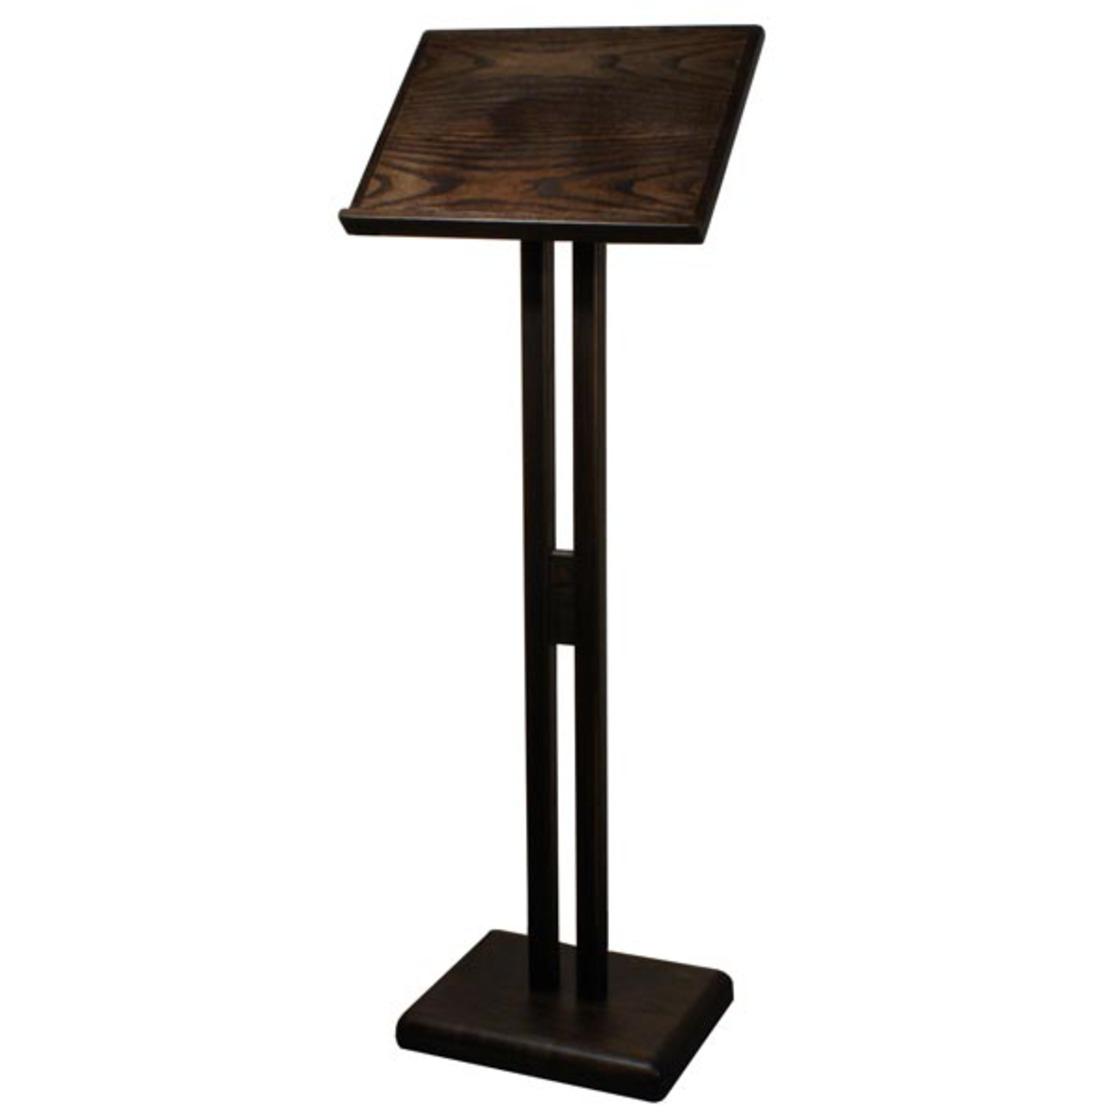 Fabhub moran 39 s wood components for Stand pub